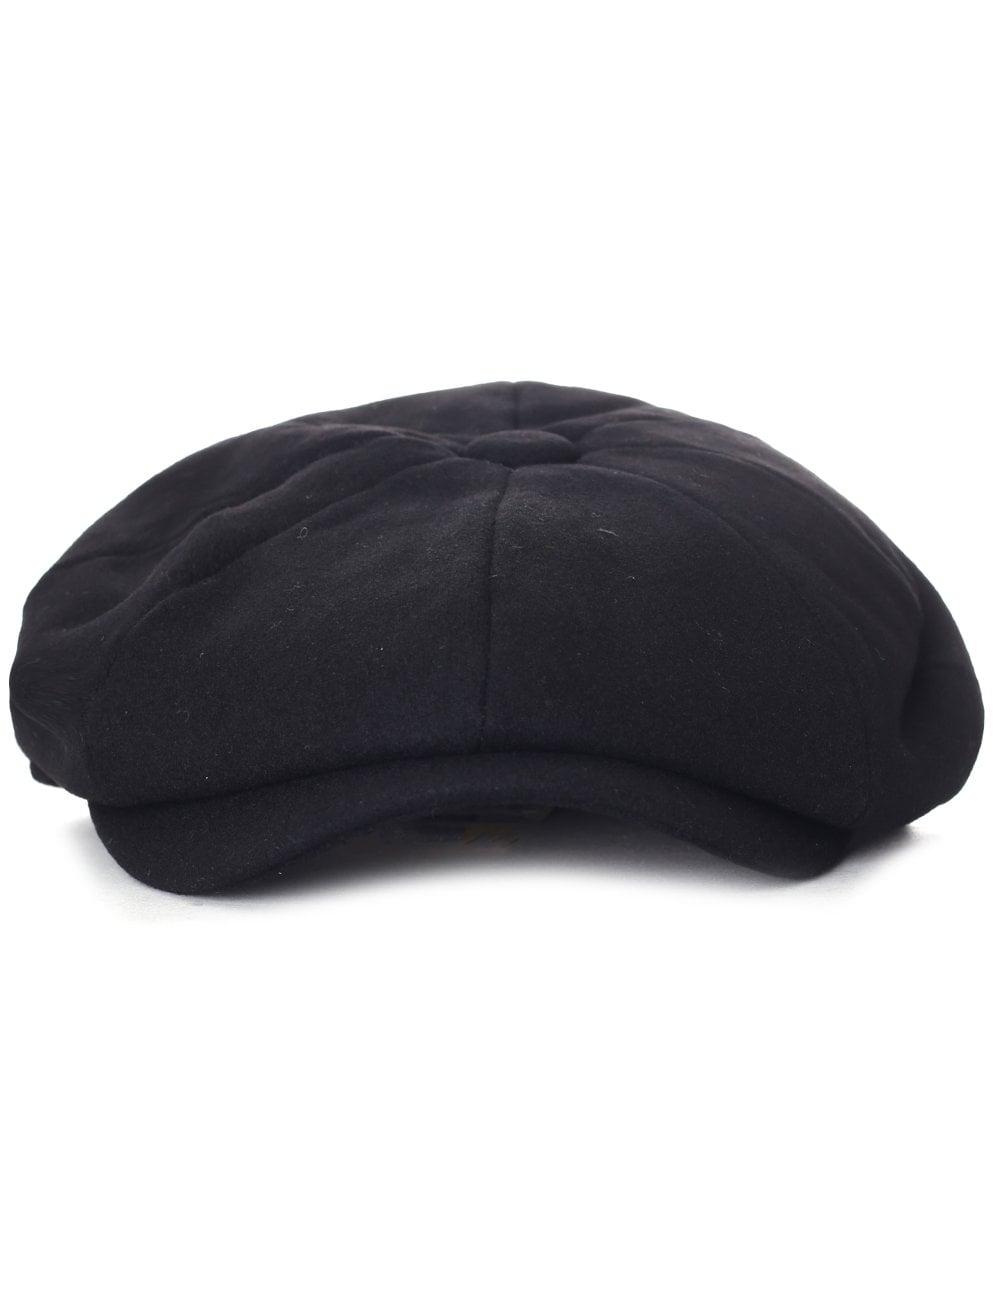 Barbour Men s Melton Bakerboy Hat c4c1cda3dd6